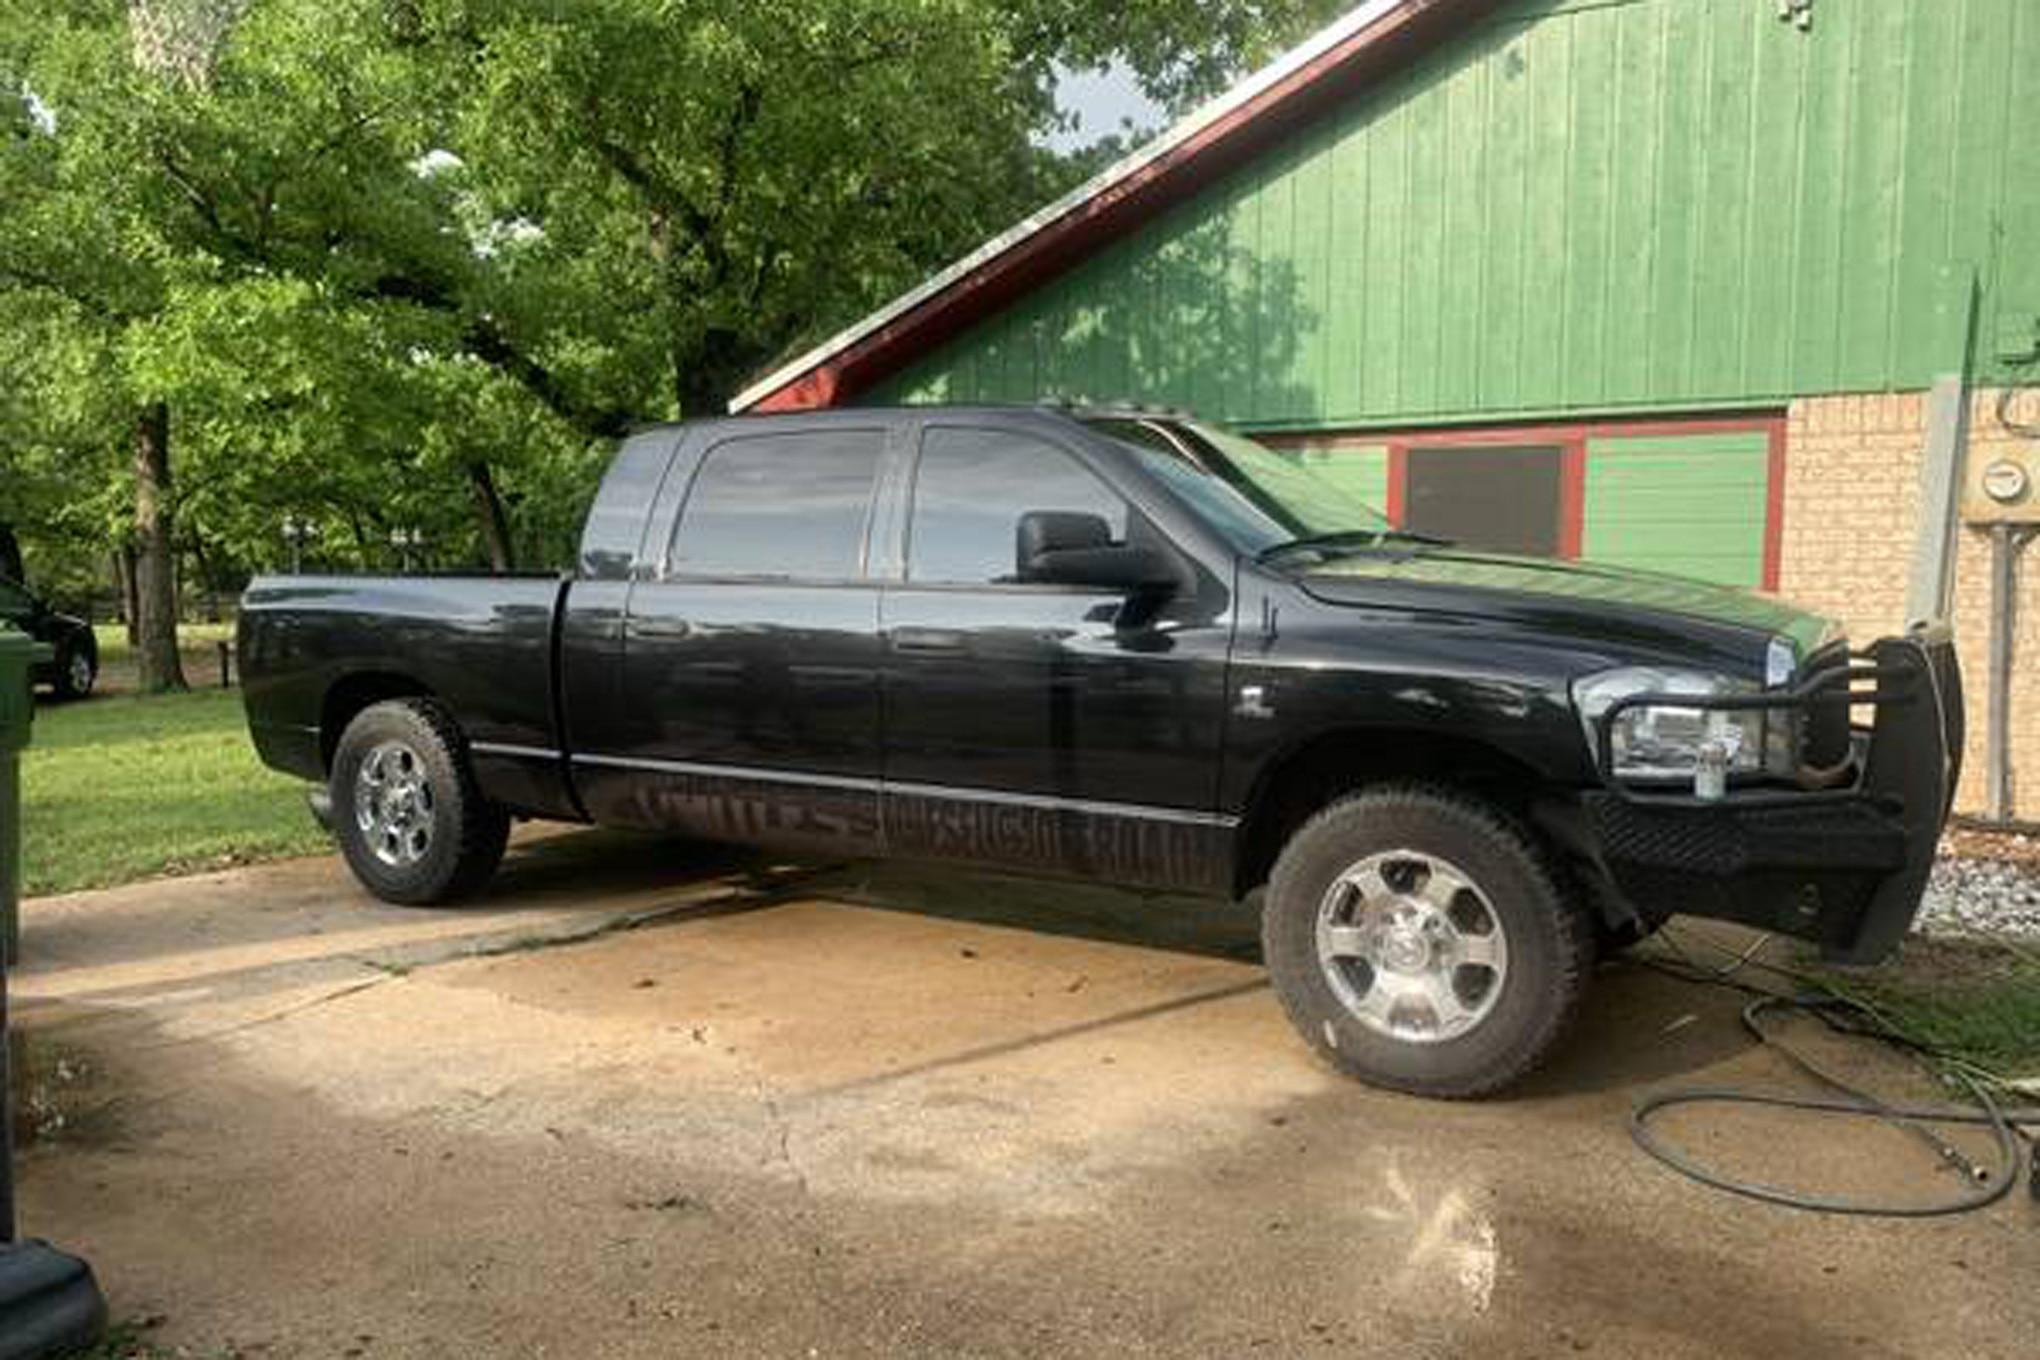 Best Diesel Deals on Craigslist: Houston